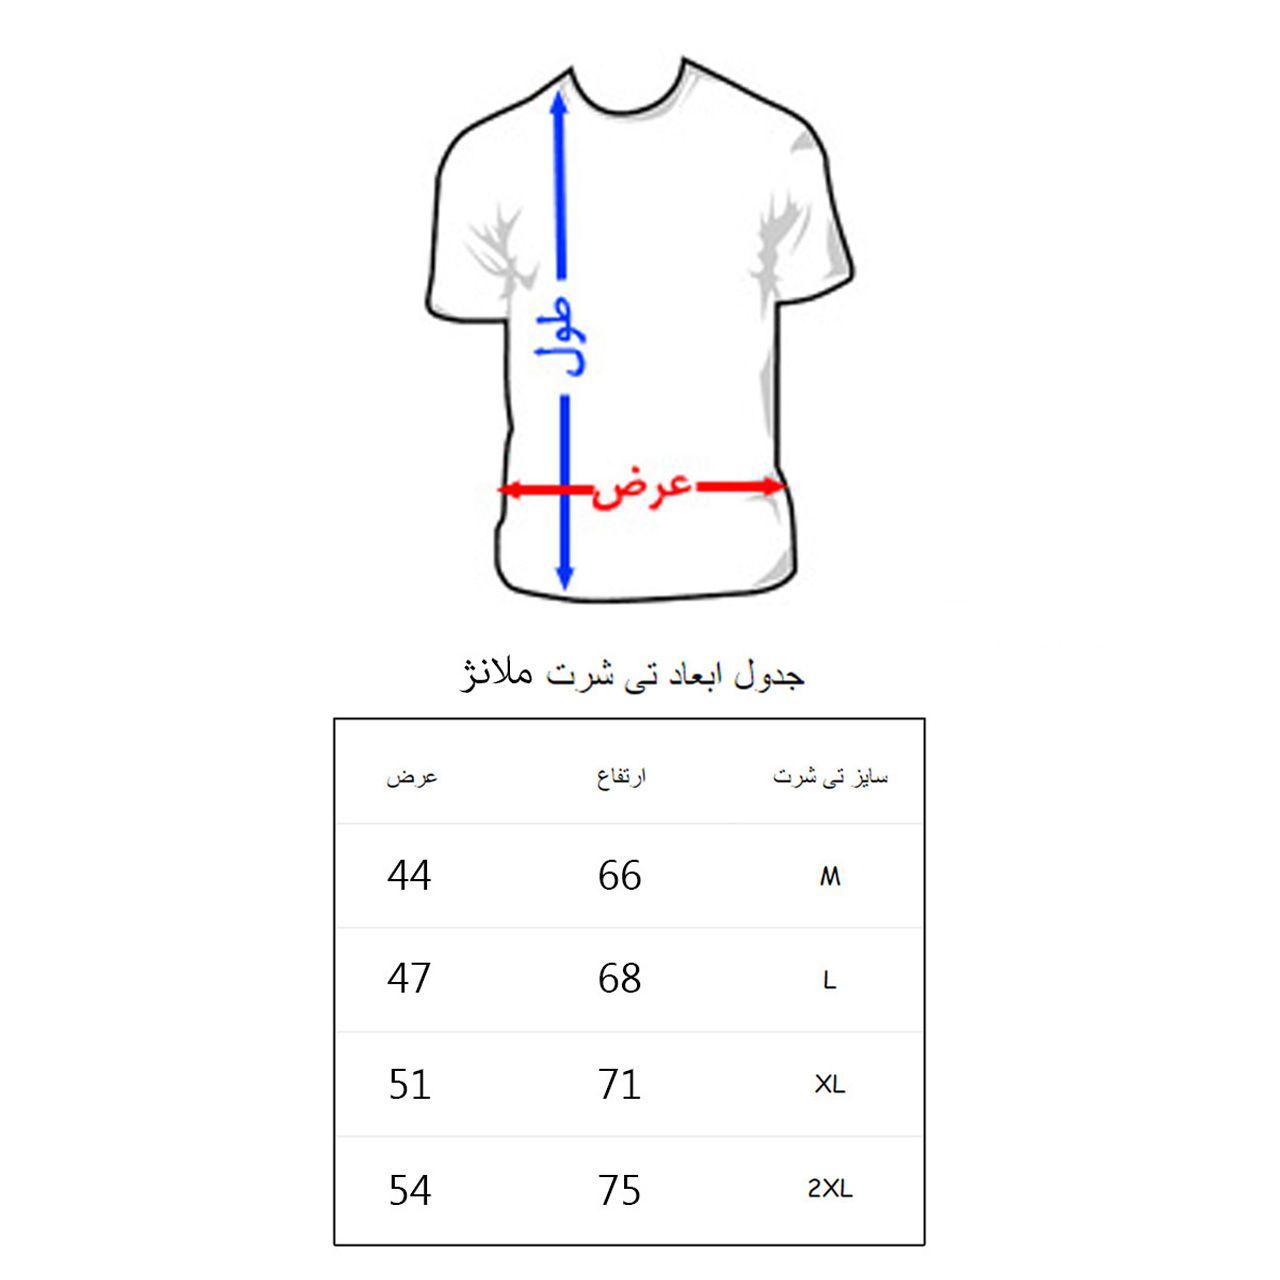 تی شرت مردانه به رسم طرح پاریس کد 2276 -  - 2